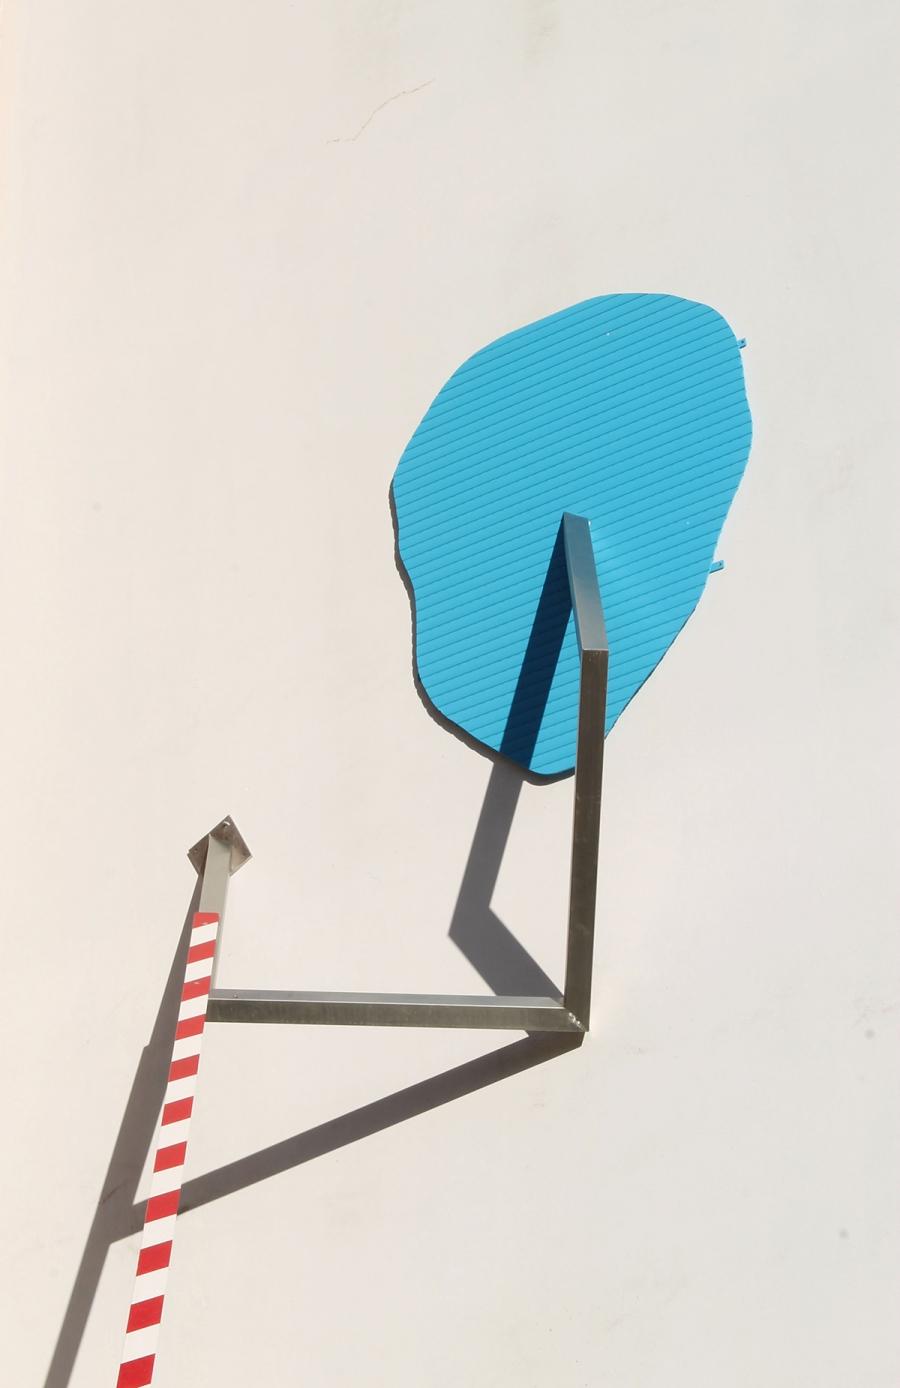 exposição :: A Minha Casa é o Meu Jardim - Exposição de Arte Pública de Thierry Ferreira